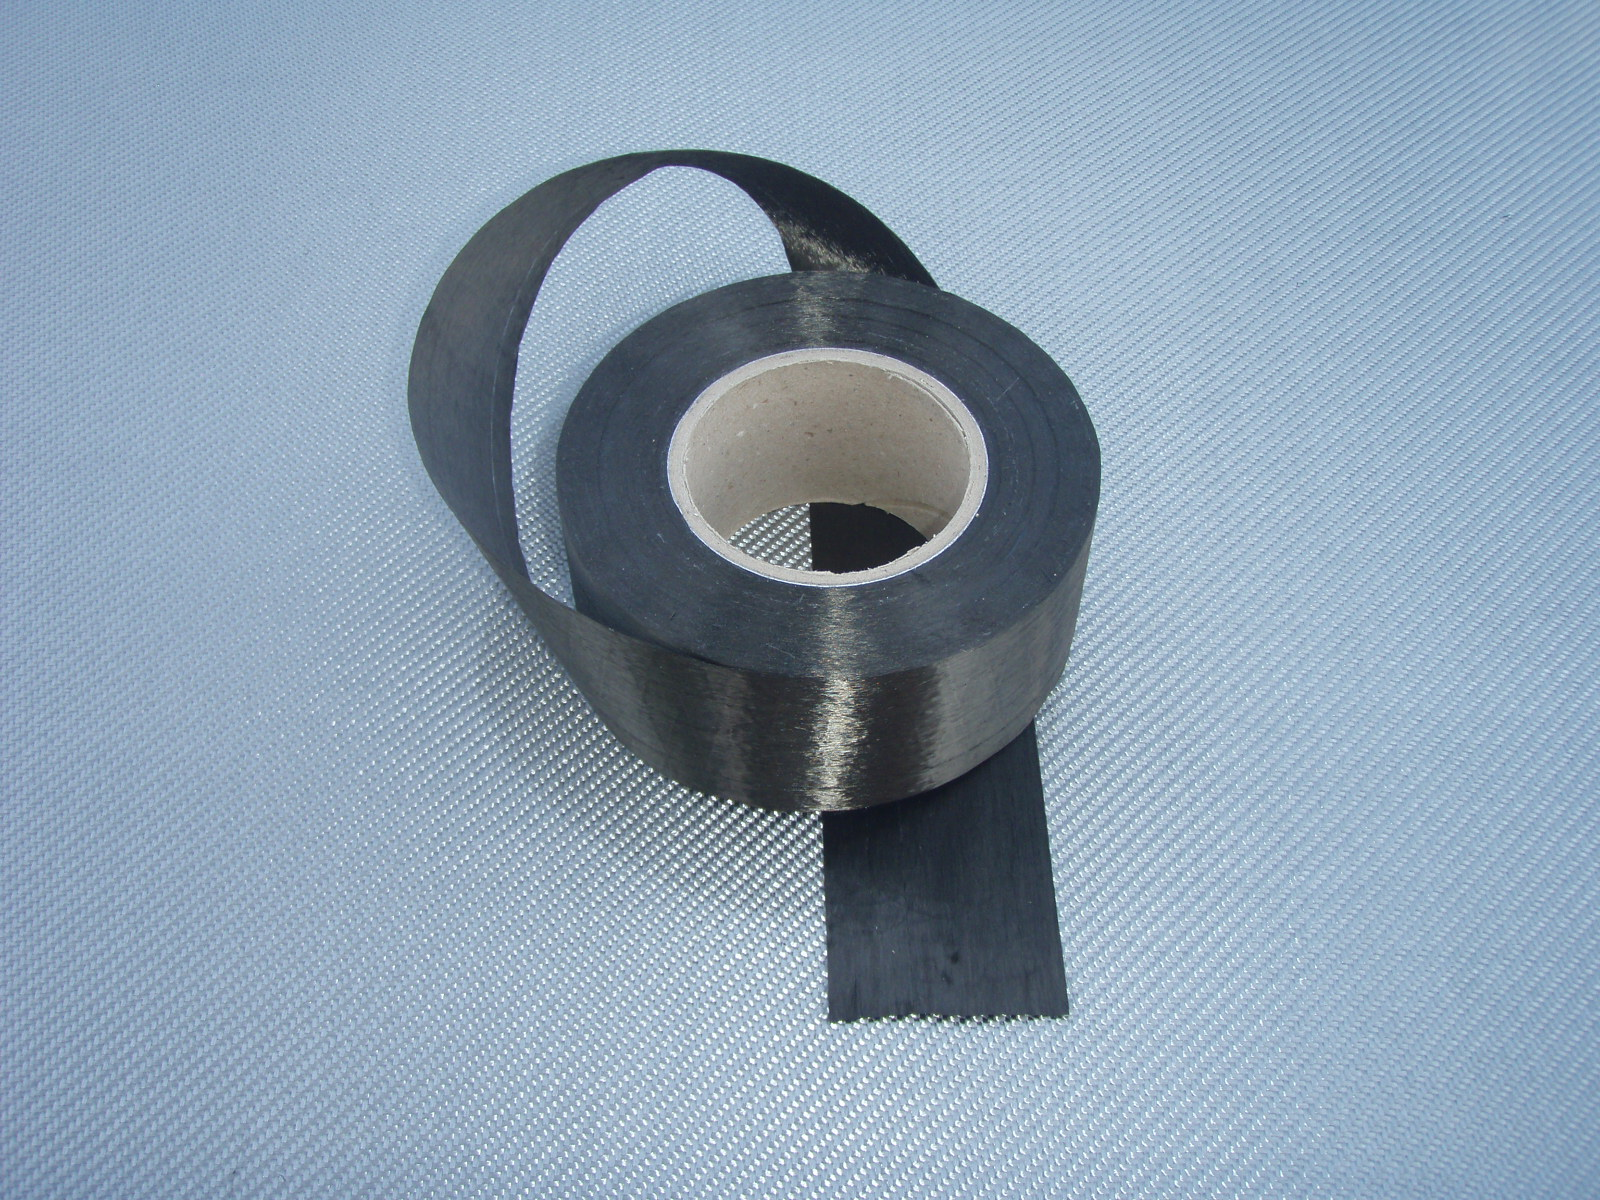 Ταινία ανθρακοϋφάσματος<br>Ρολό πλάτους 6 cm<br>TC80U06